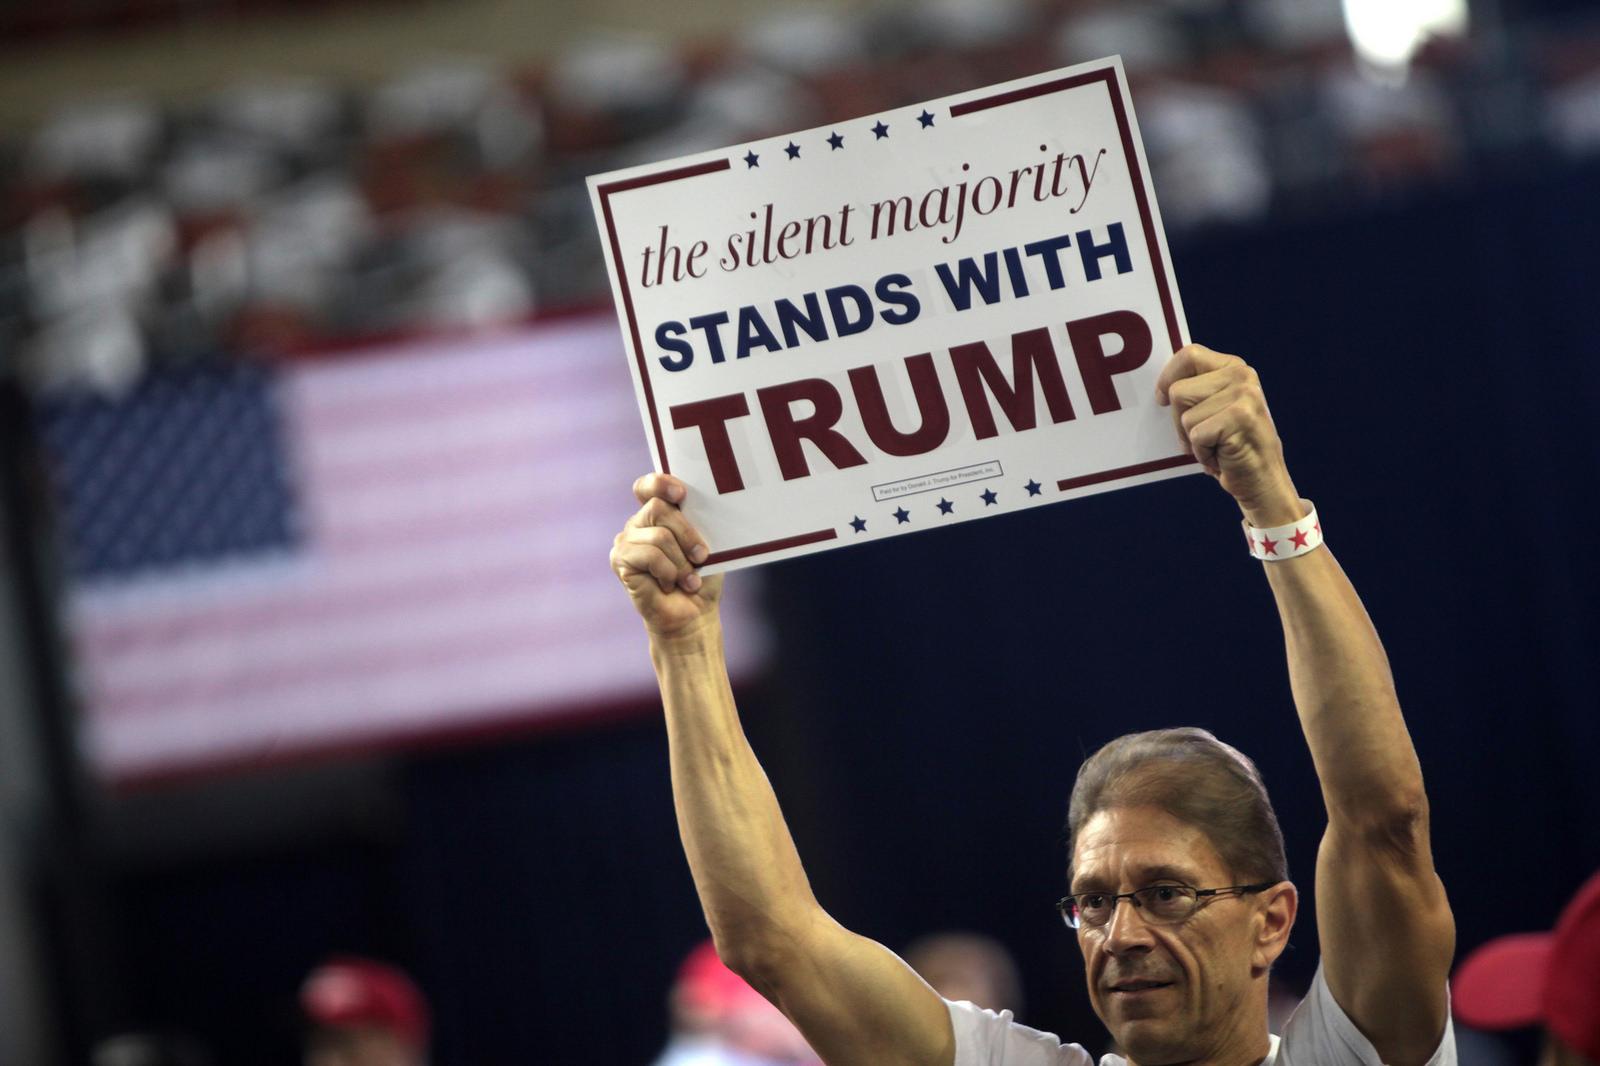 """Un des supporters de Donald Trump : """"La majorité silencieuse soutient Trump."""""""